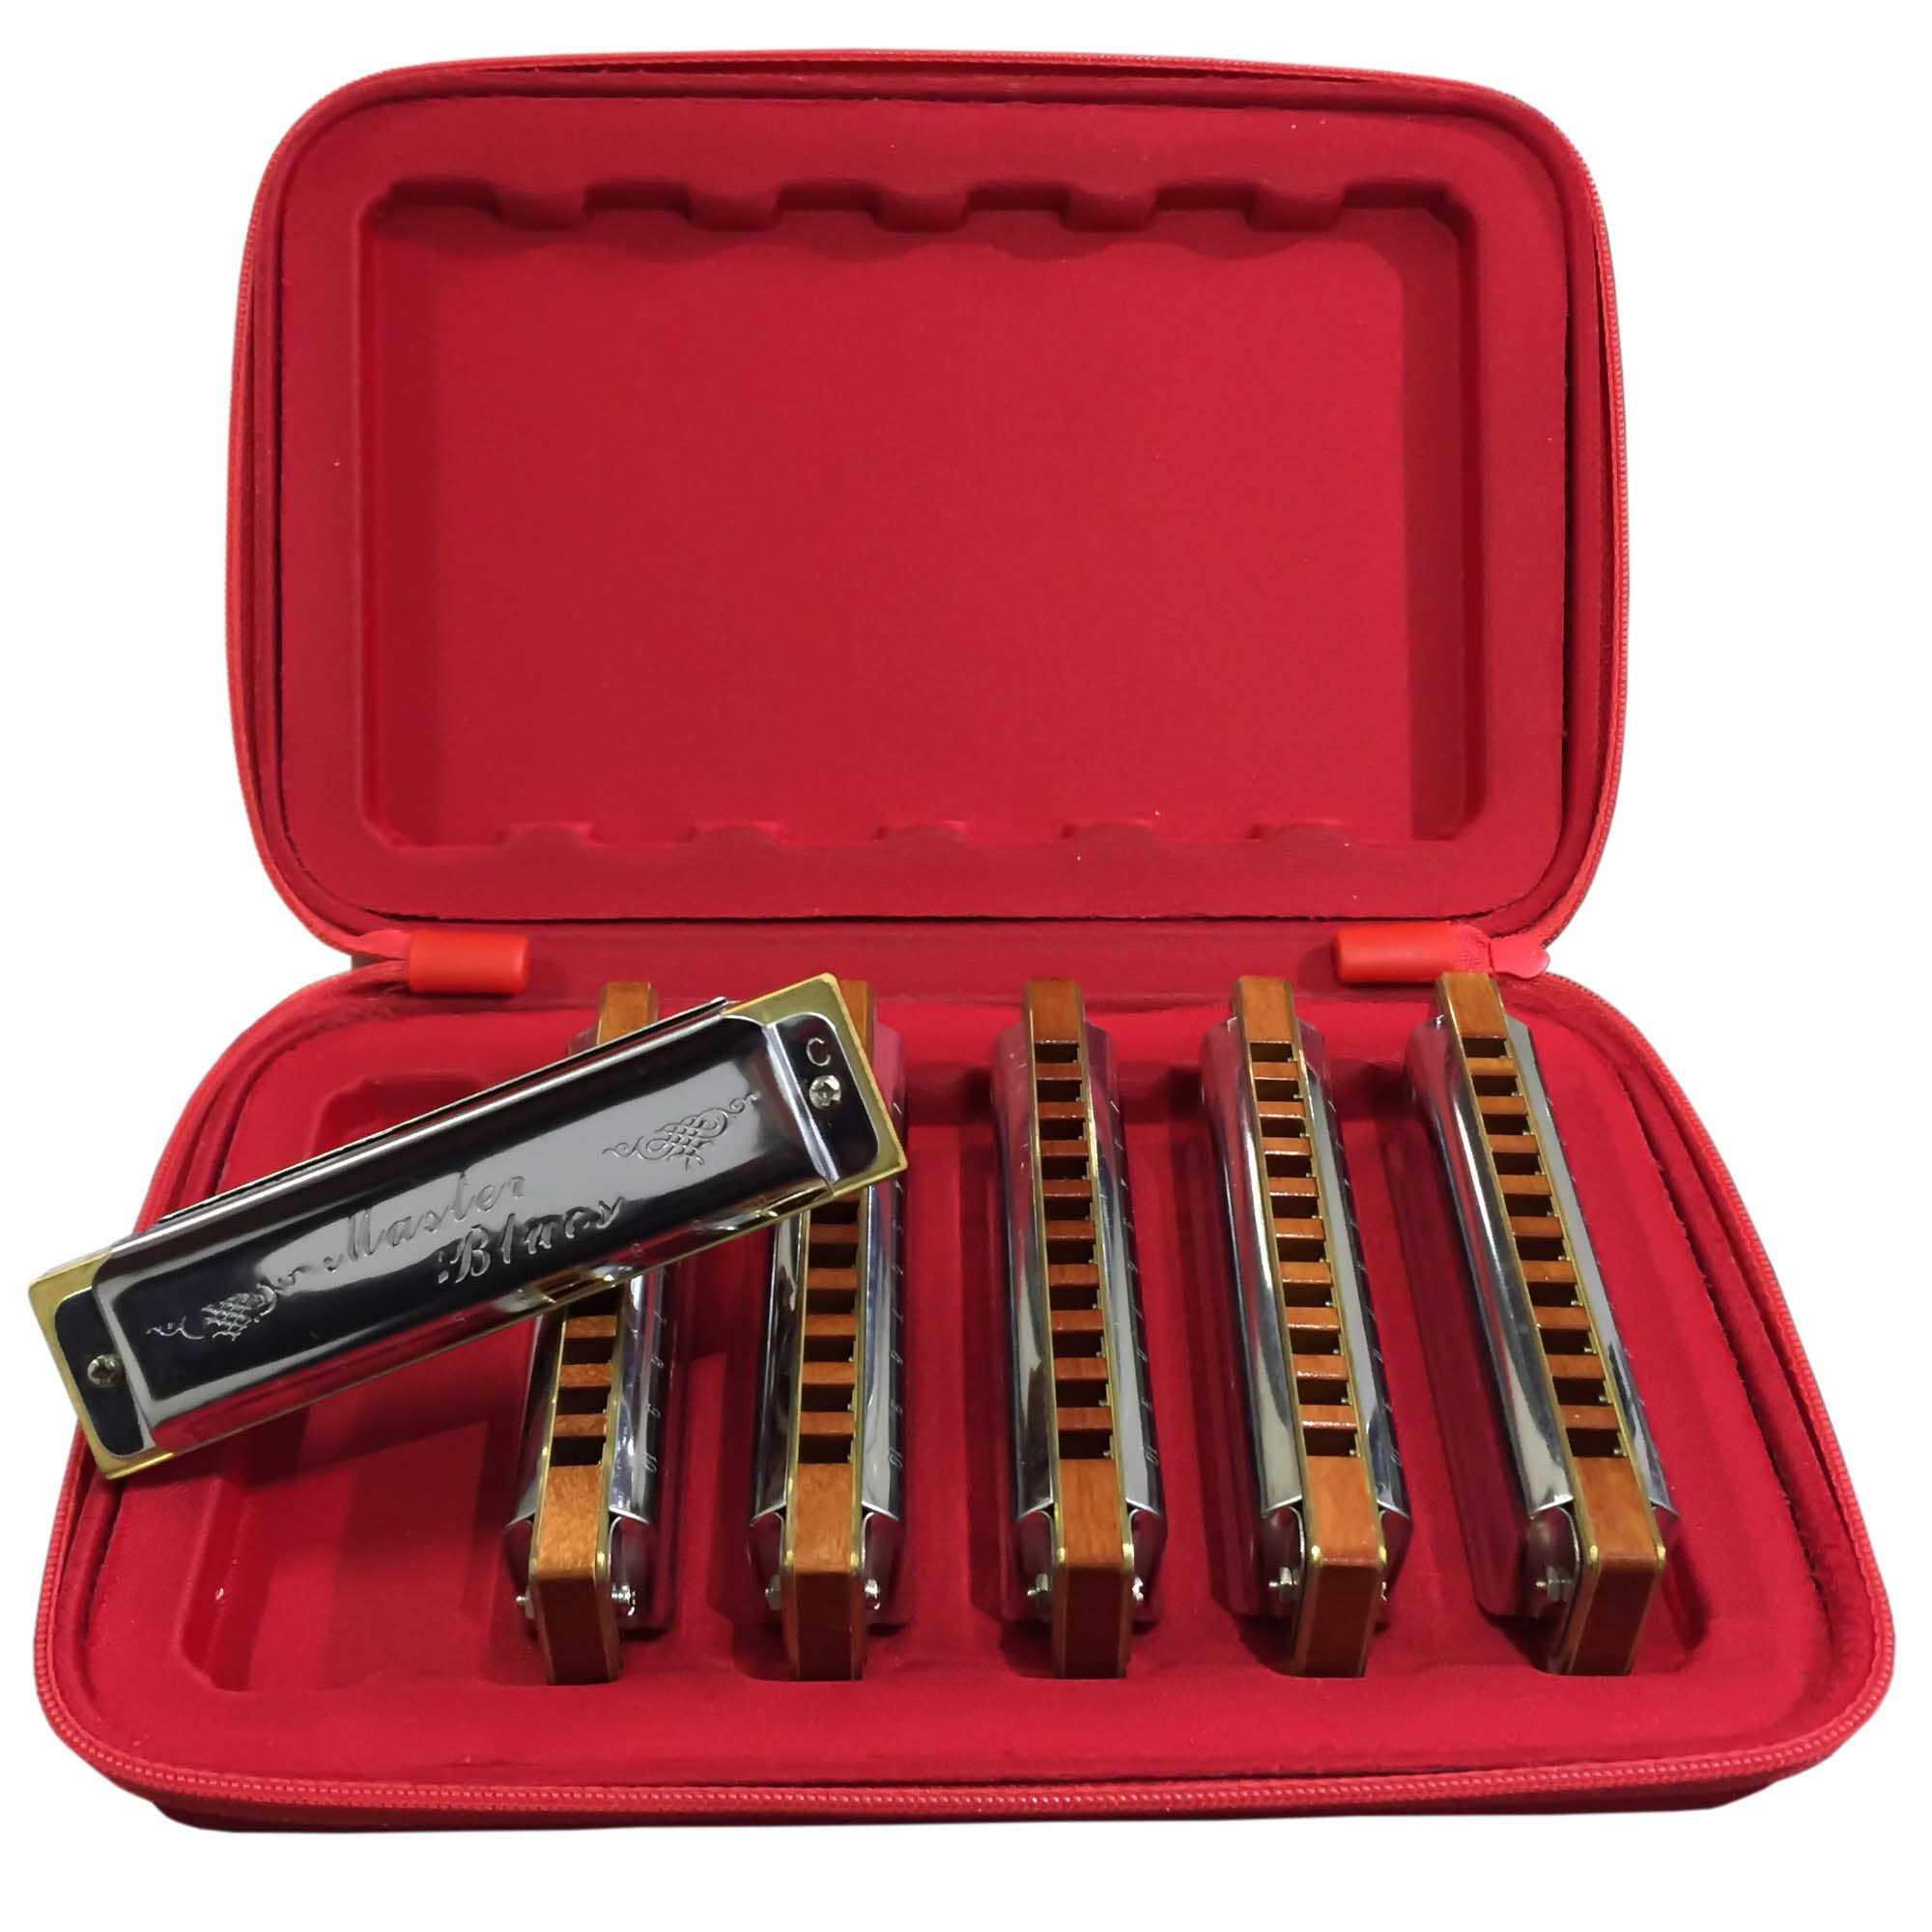 Gaita de Boca Harmônica Diatônica Hering 90120 Kit com 6 peças